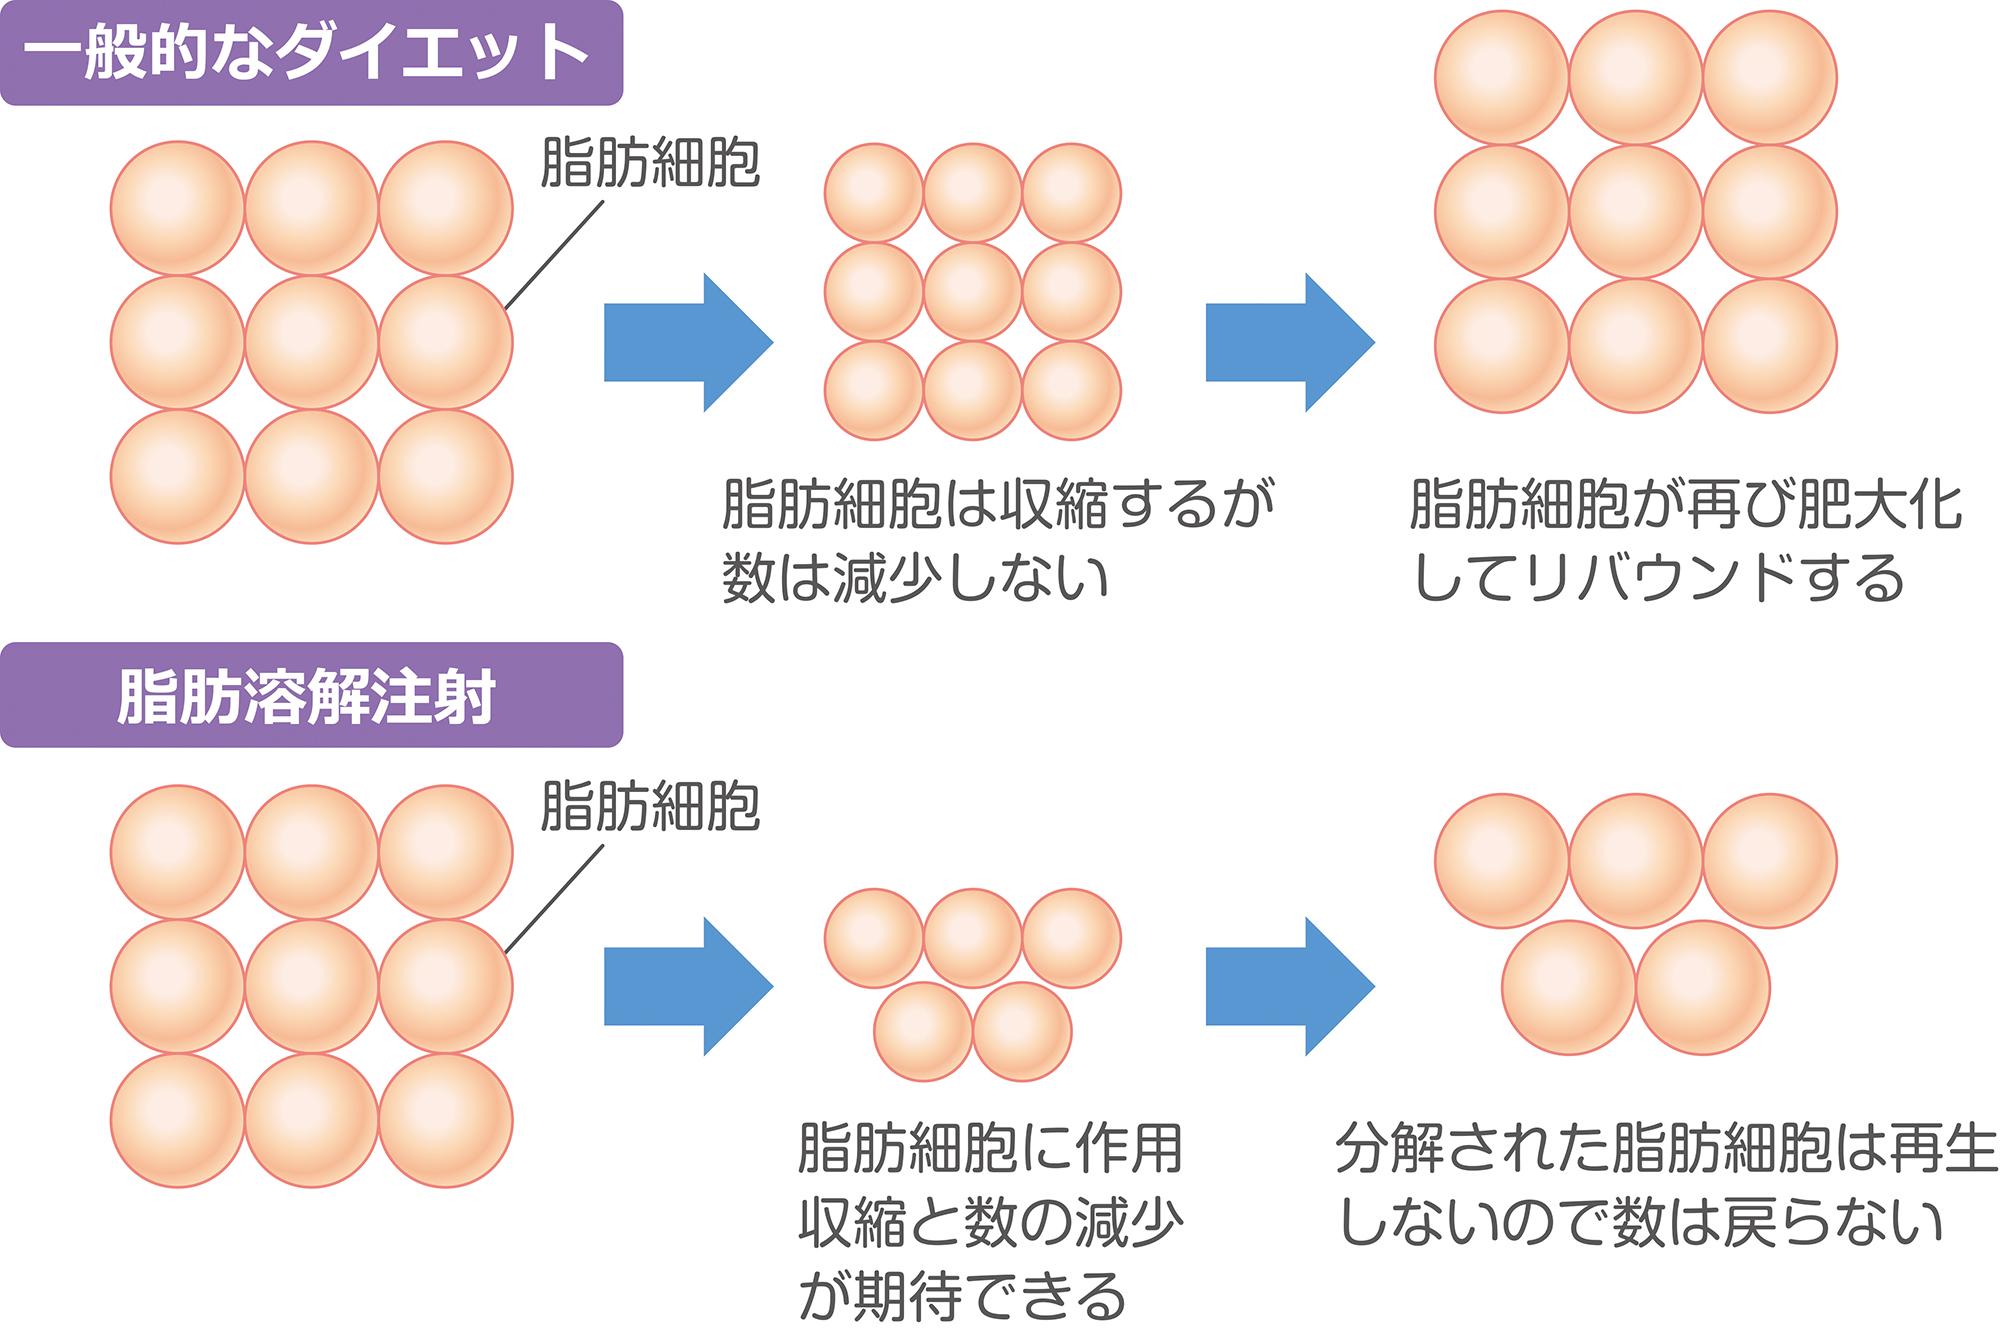 Células de gordura reduzidas por injeção lipolítica não se regeneram